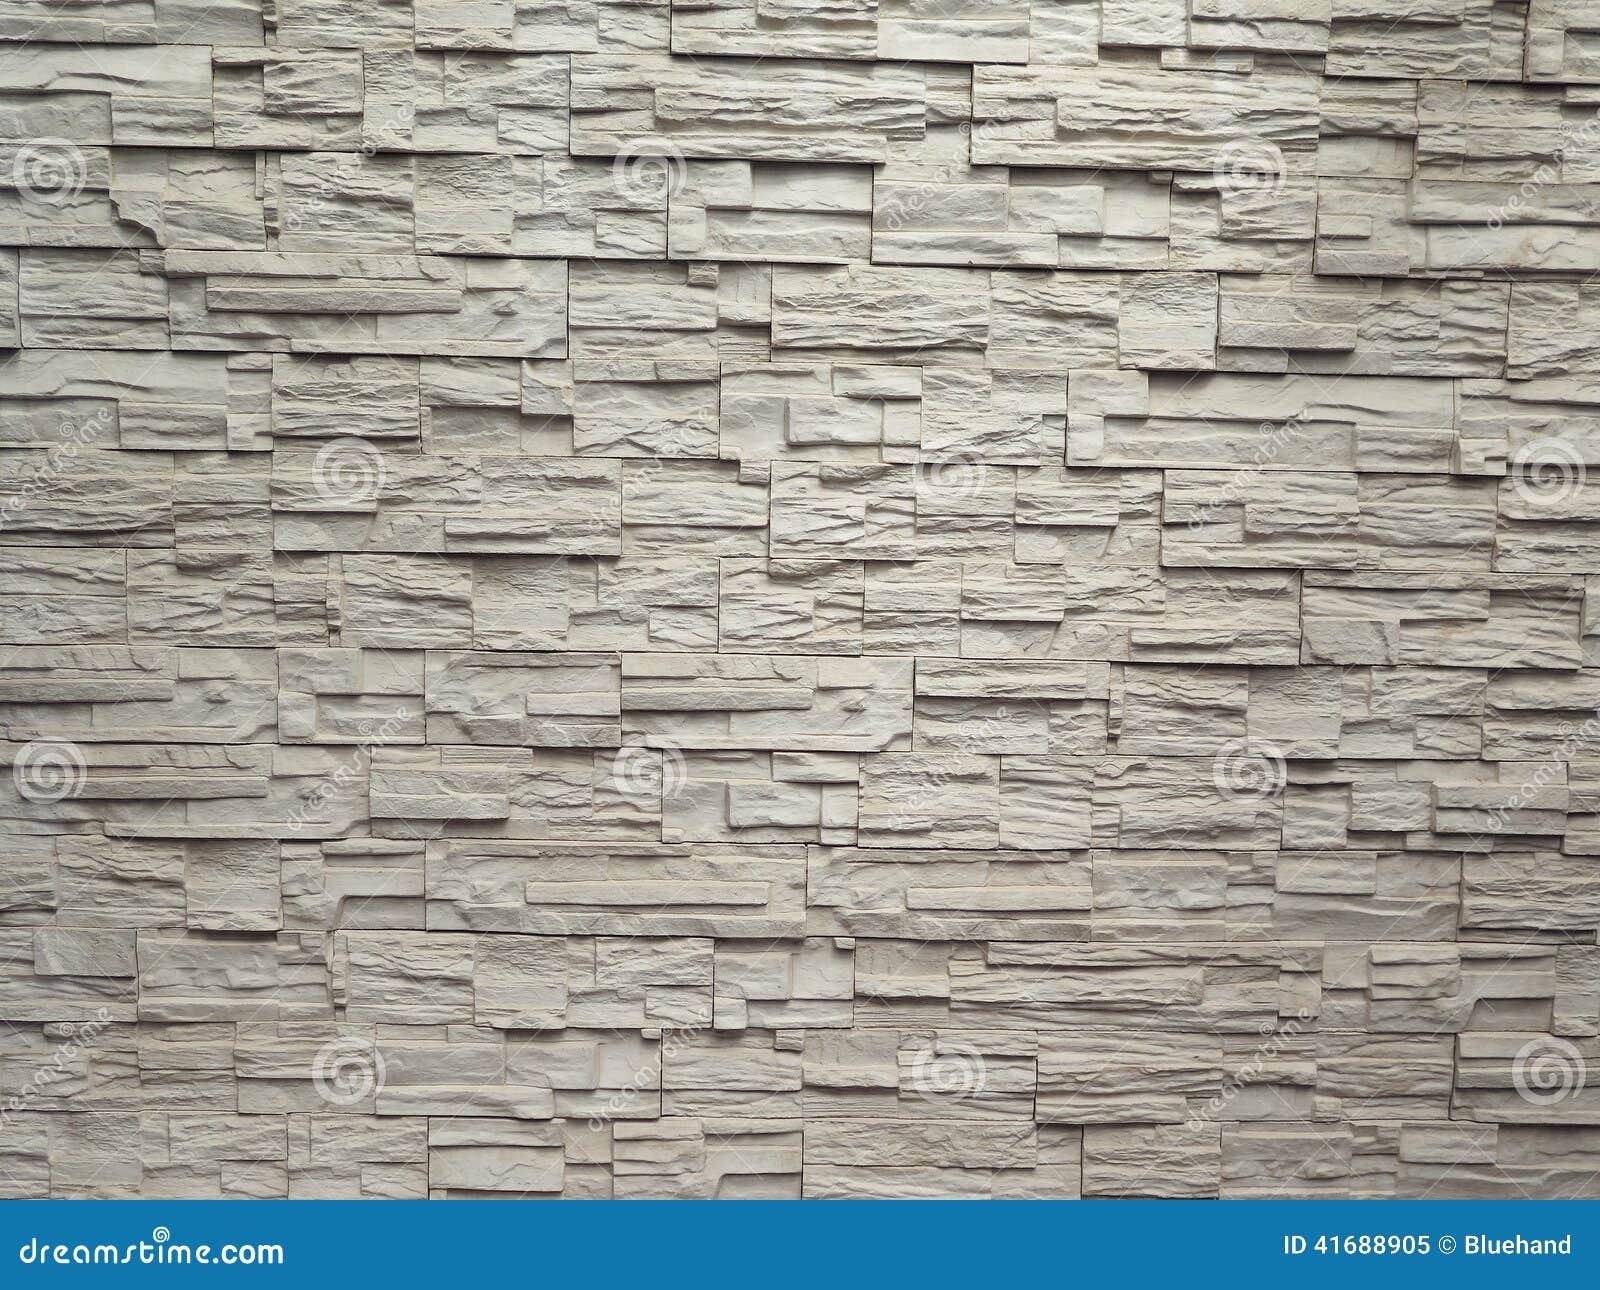 Piastrelle mattoncini. tile uamp sticker piastrelle adesive con